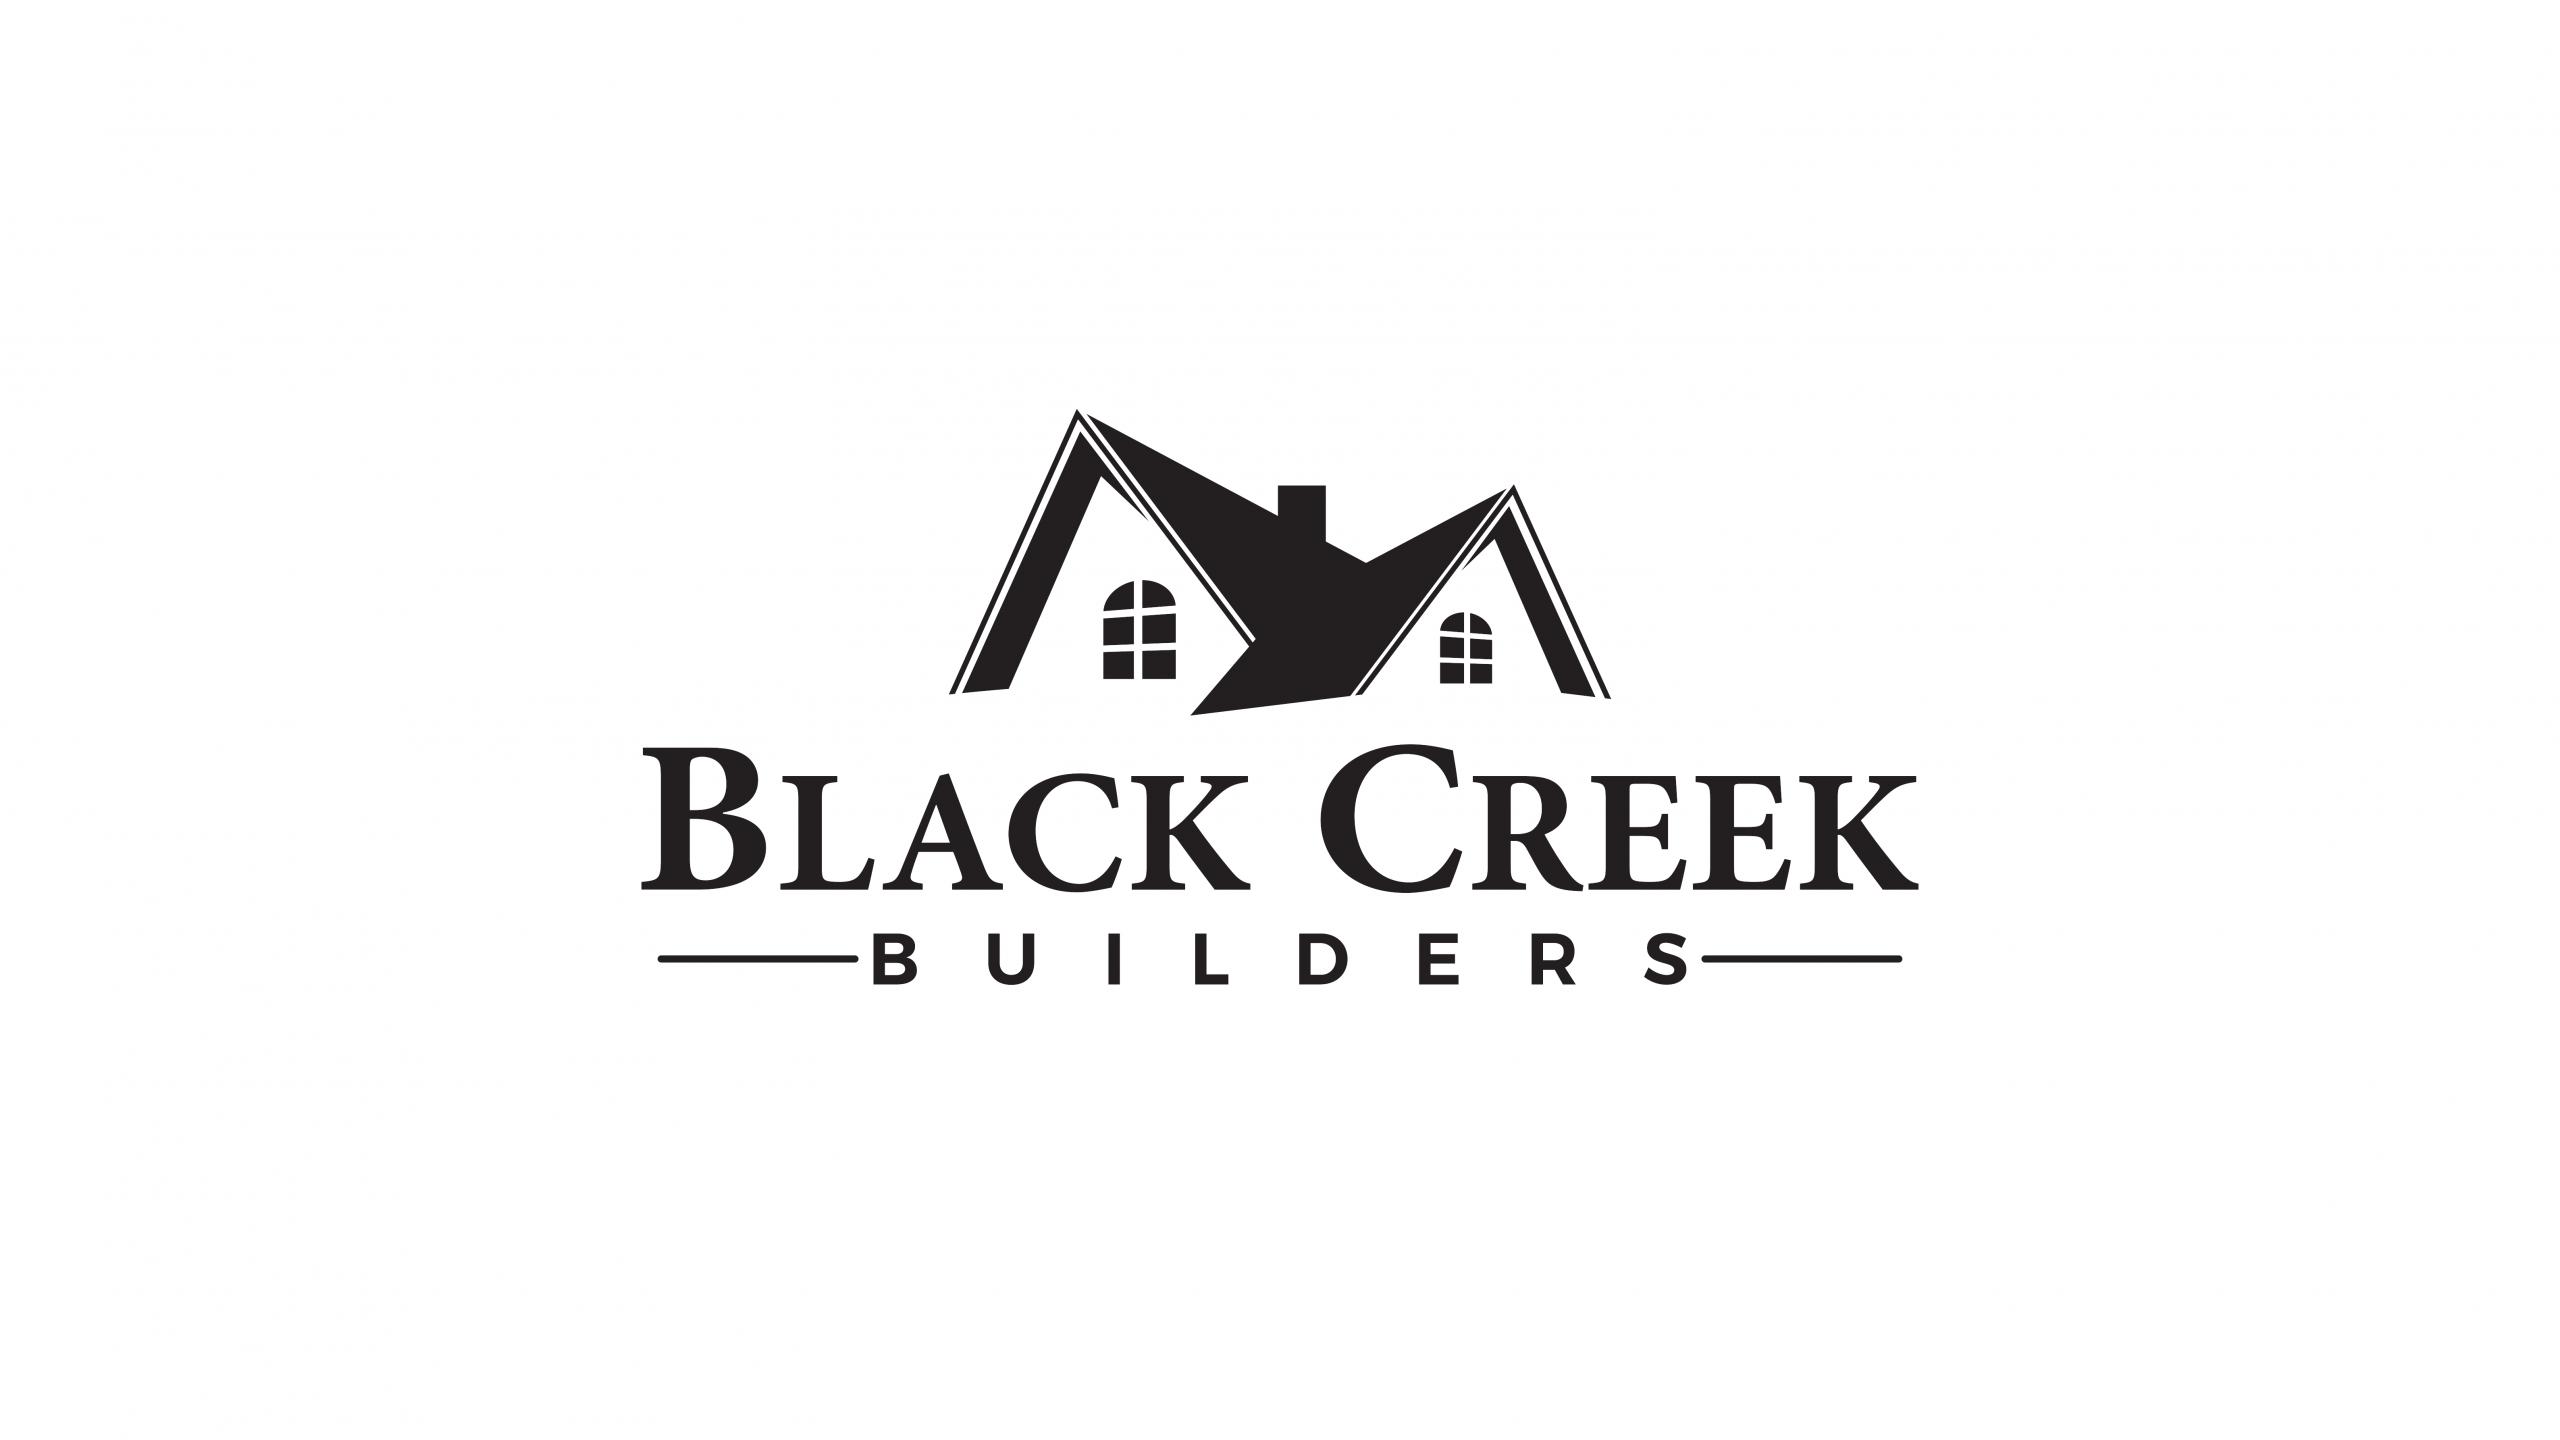 Black Creek Builders